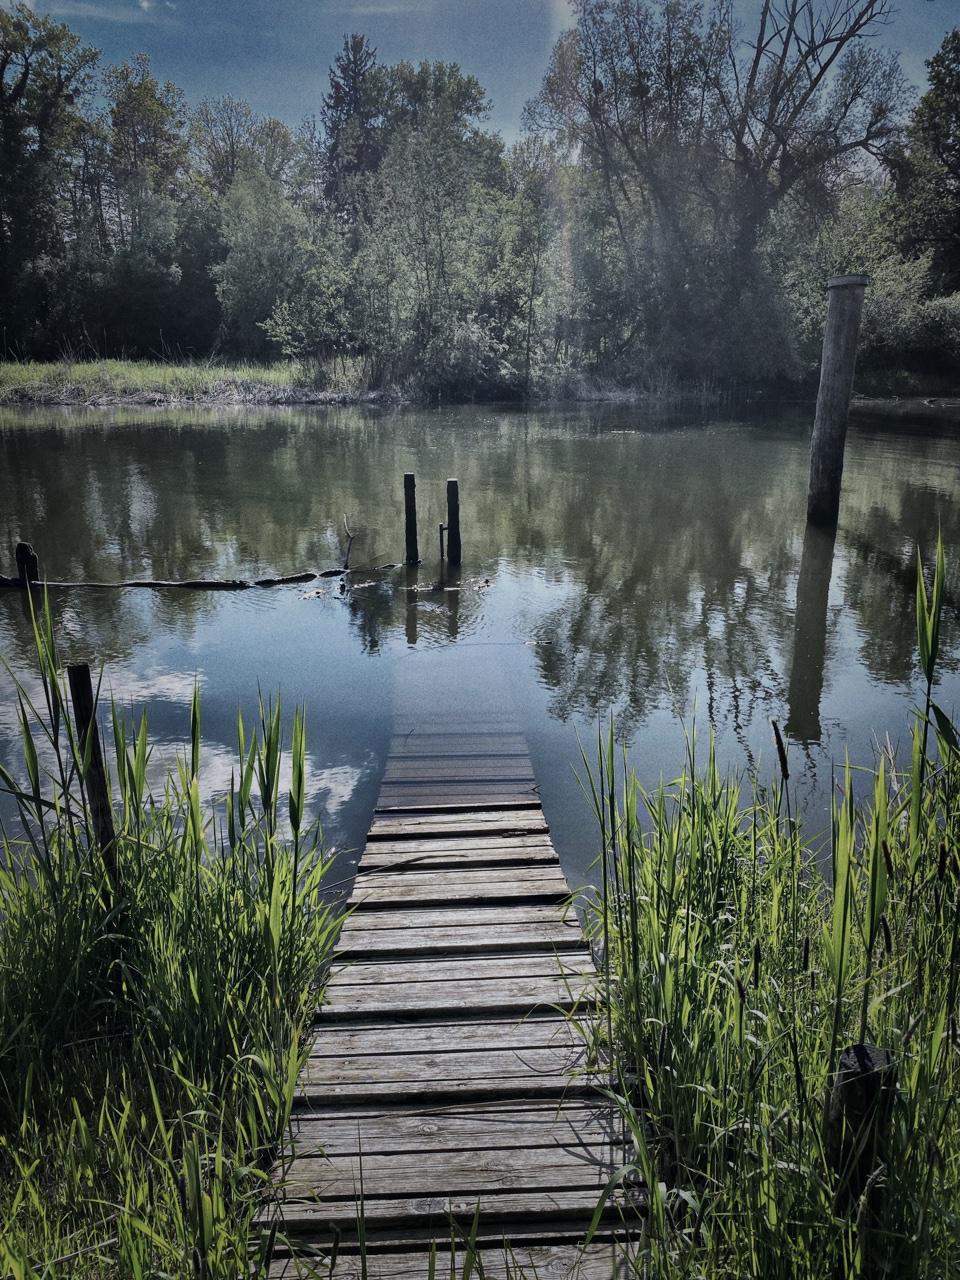 Am Fuß der Seelenbrücke